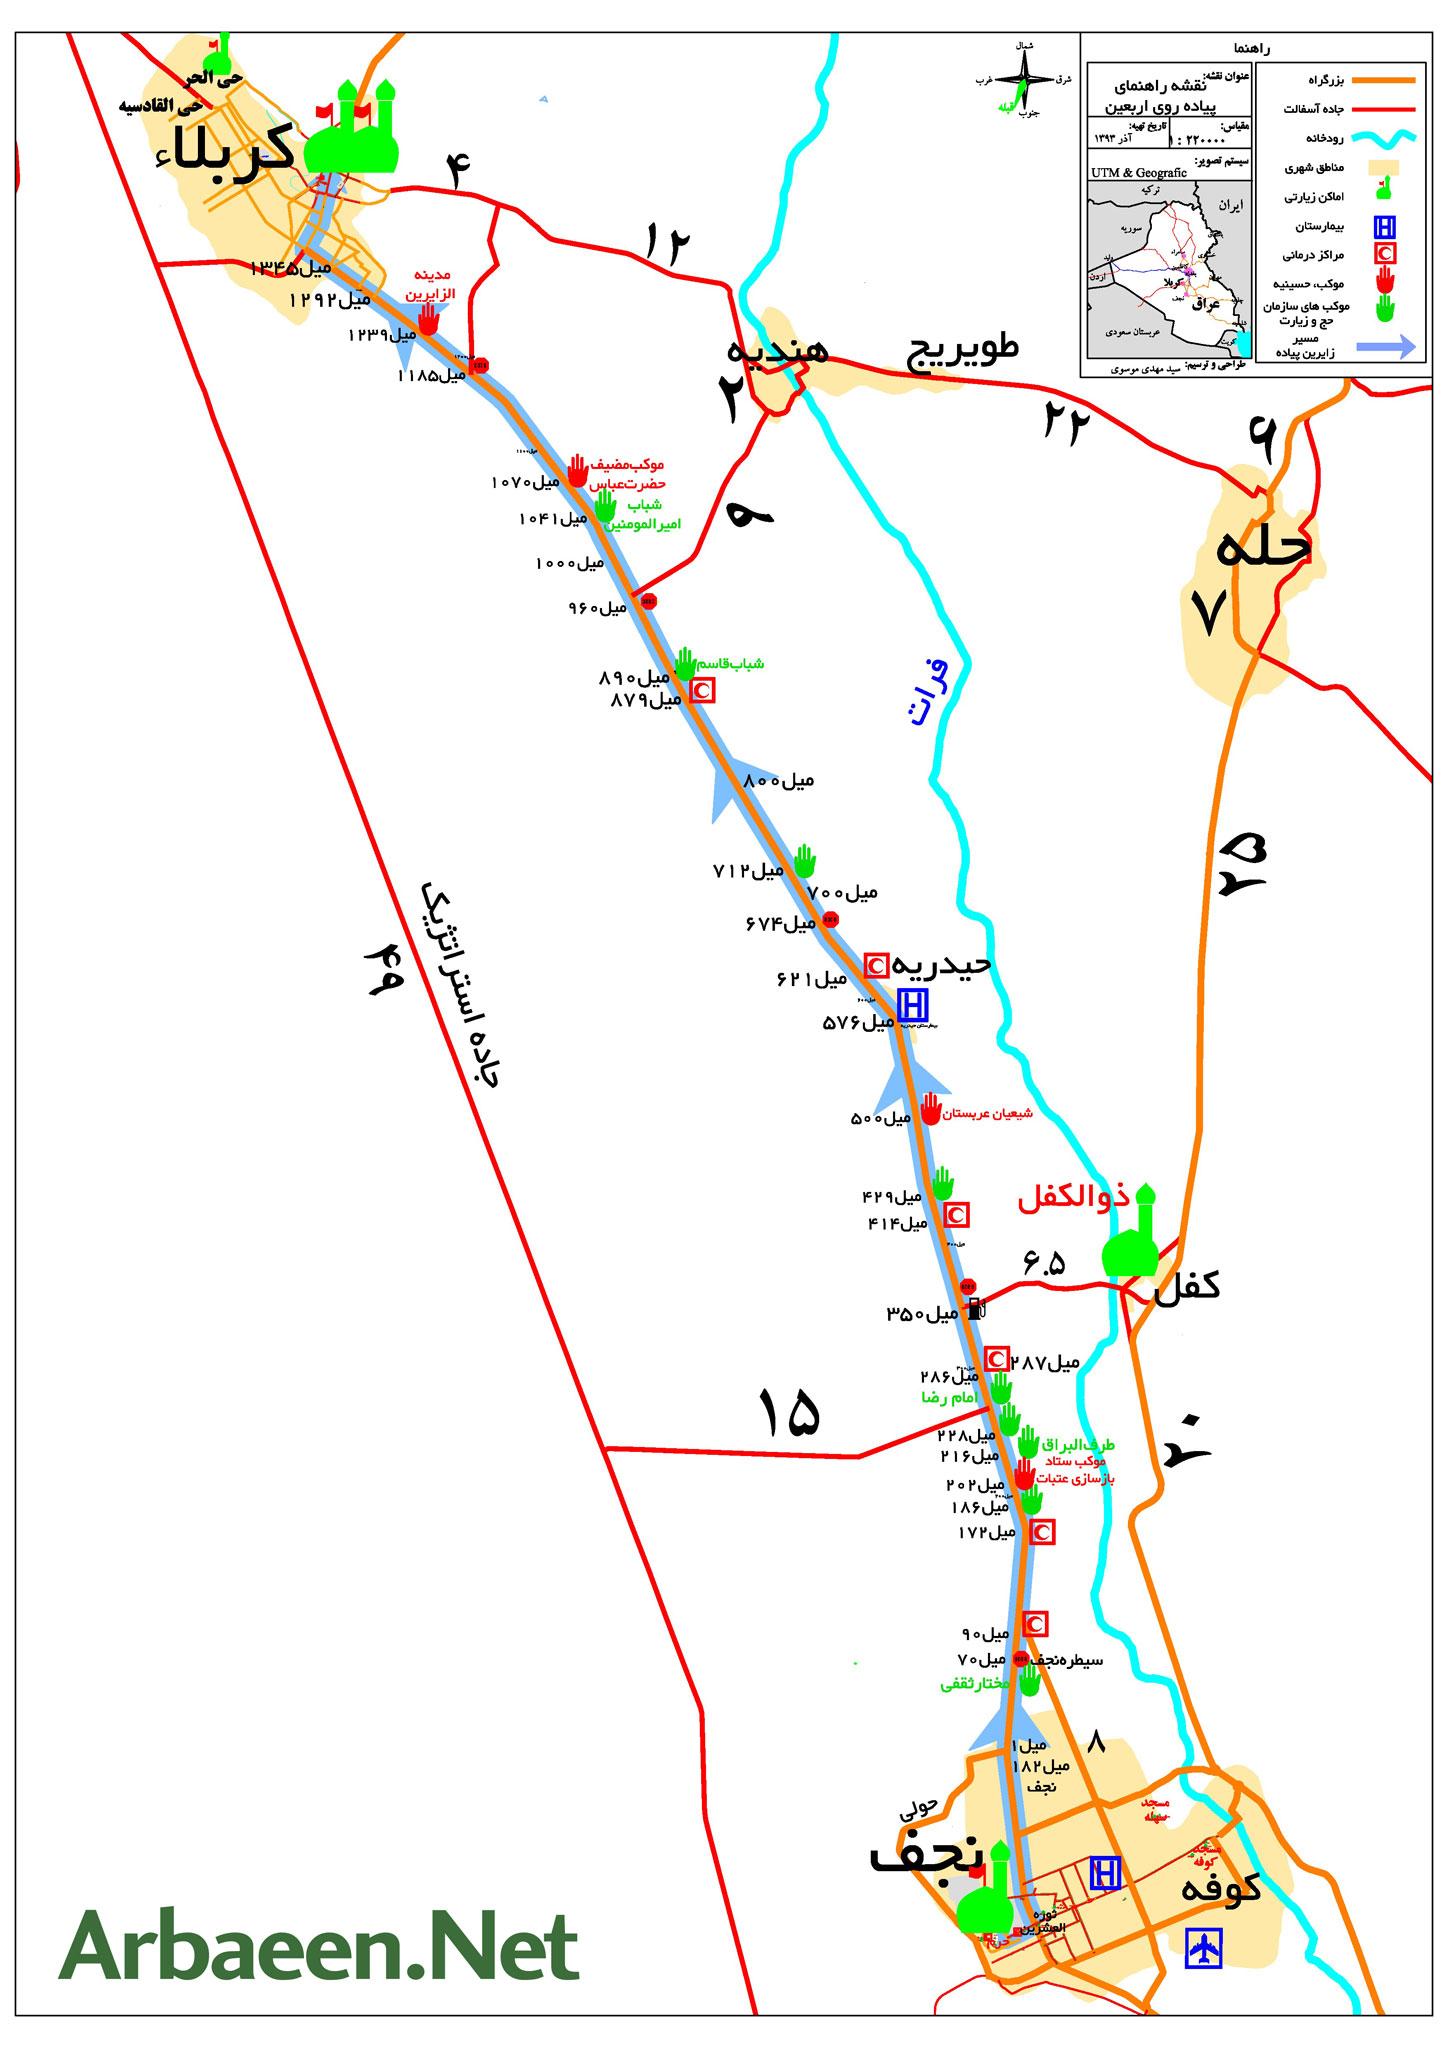 Map1.Arbaeen.Net